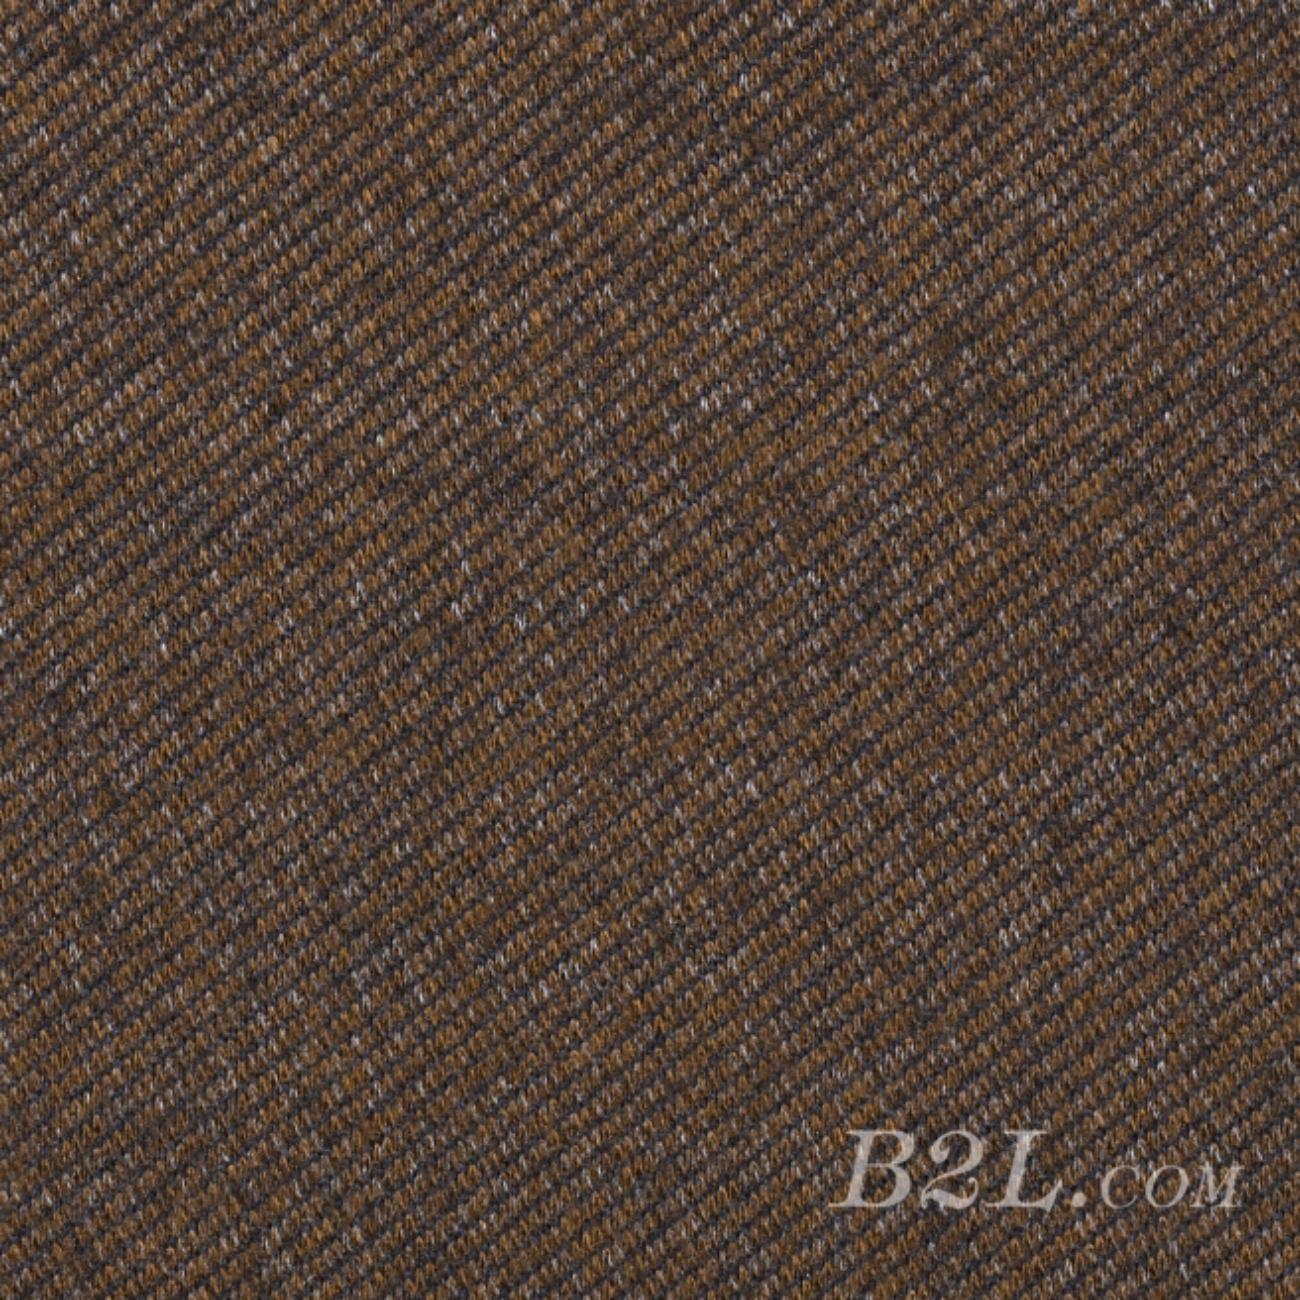 素色 针织 弹力 斜纹 春秋 T恤 时装 裤装 90912-27